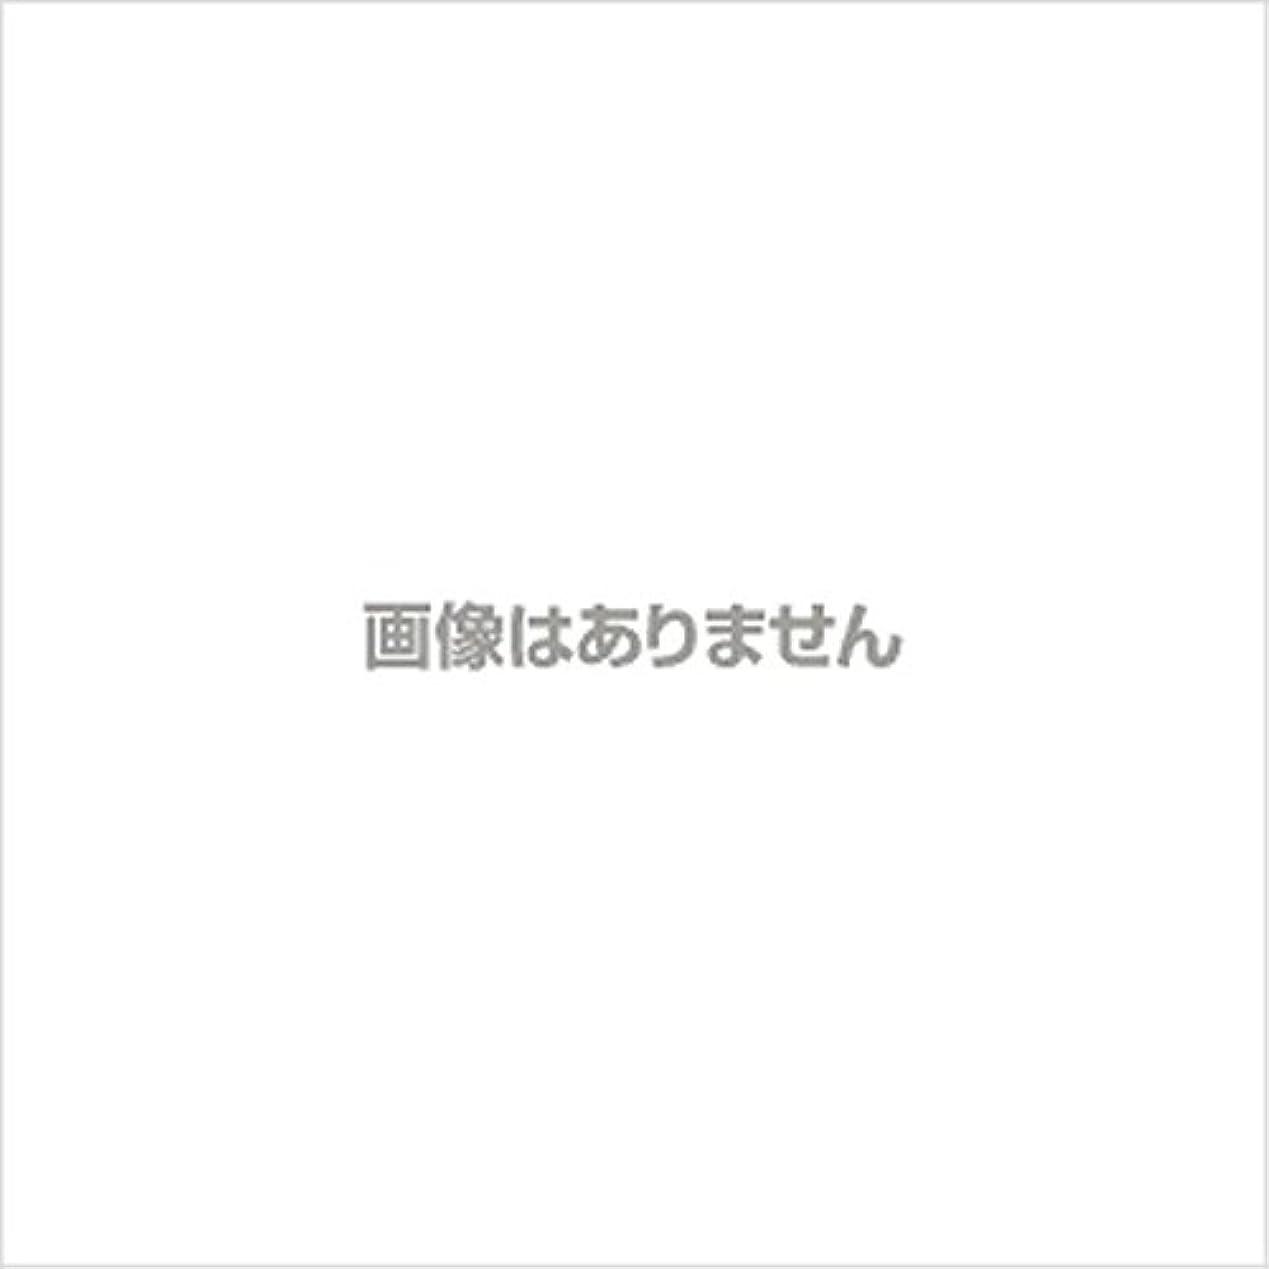 始めるテレビ三【新発売】EBUKEA エブケアNO1002 プラスチックグローブ(粉付)Mサイズ 100枚入(極薄?半透明)